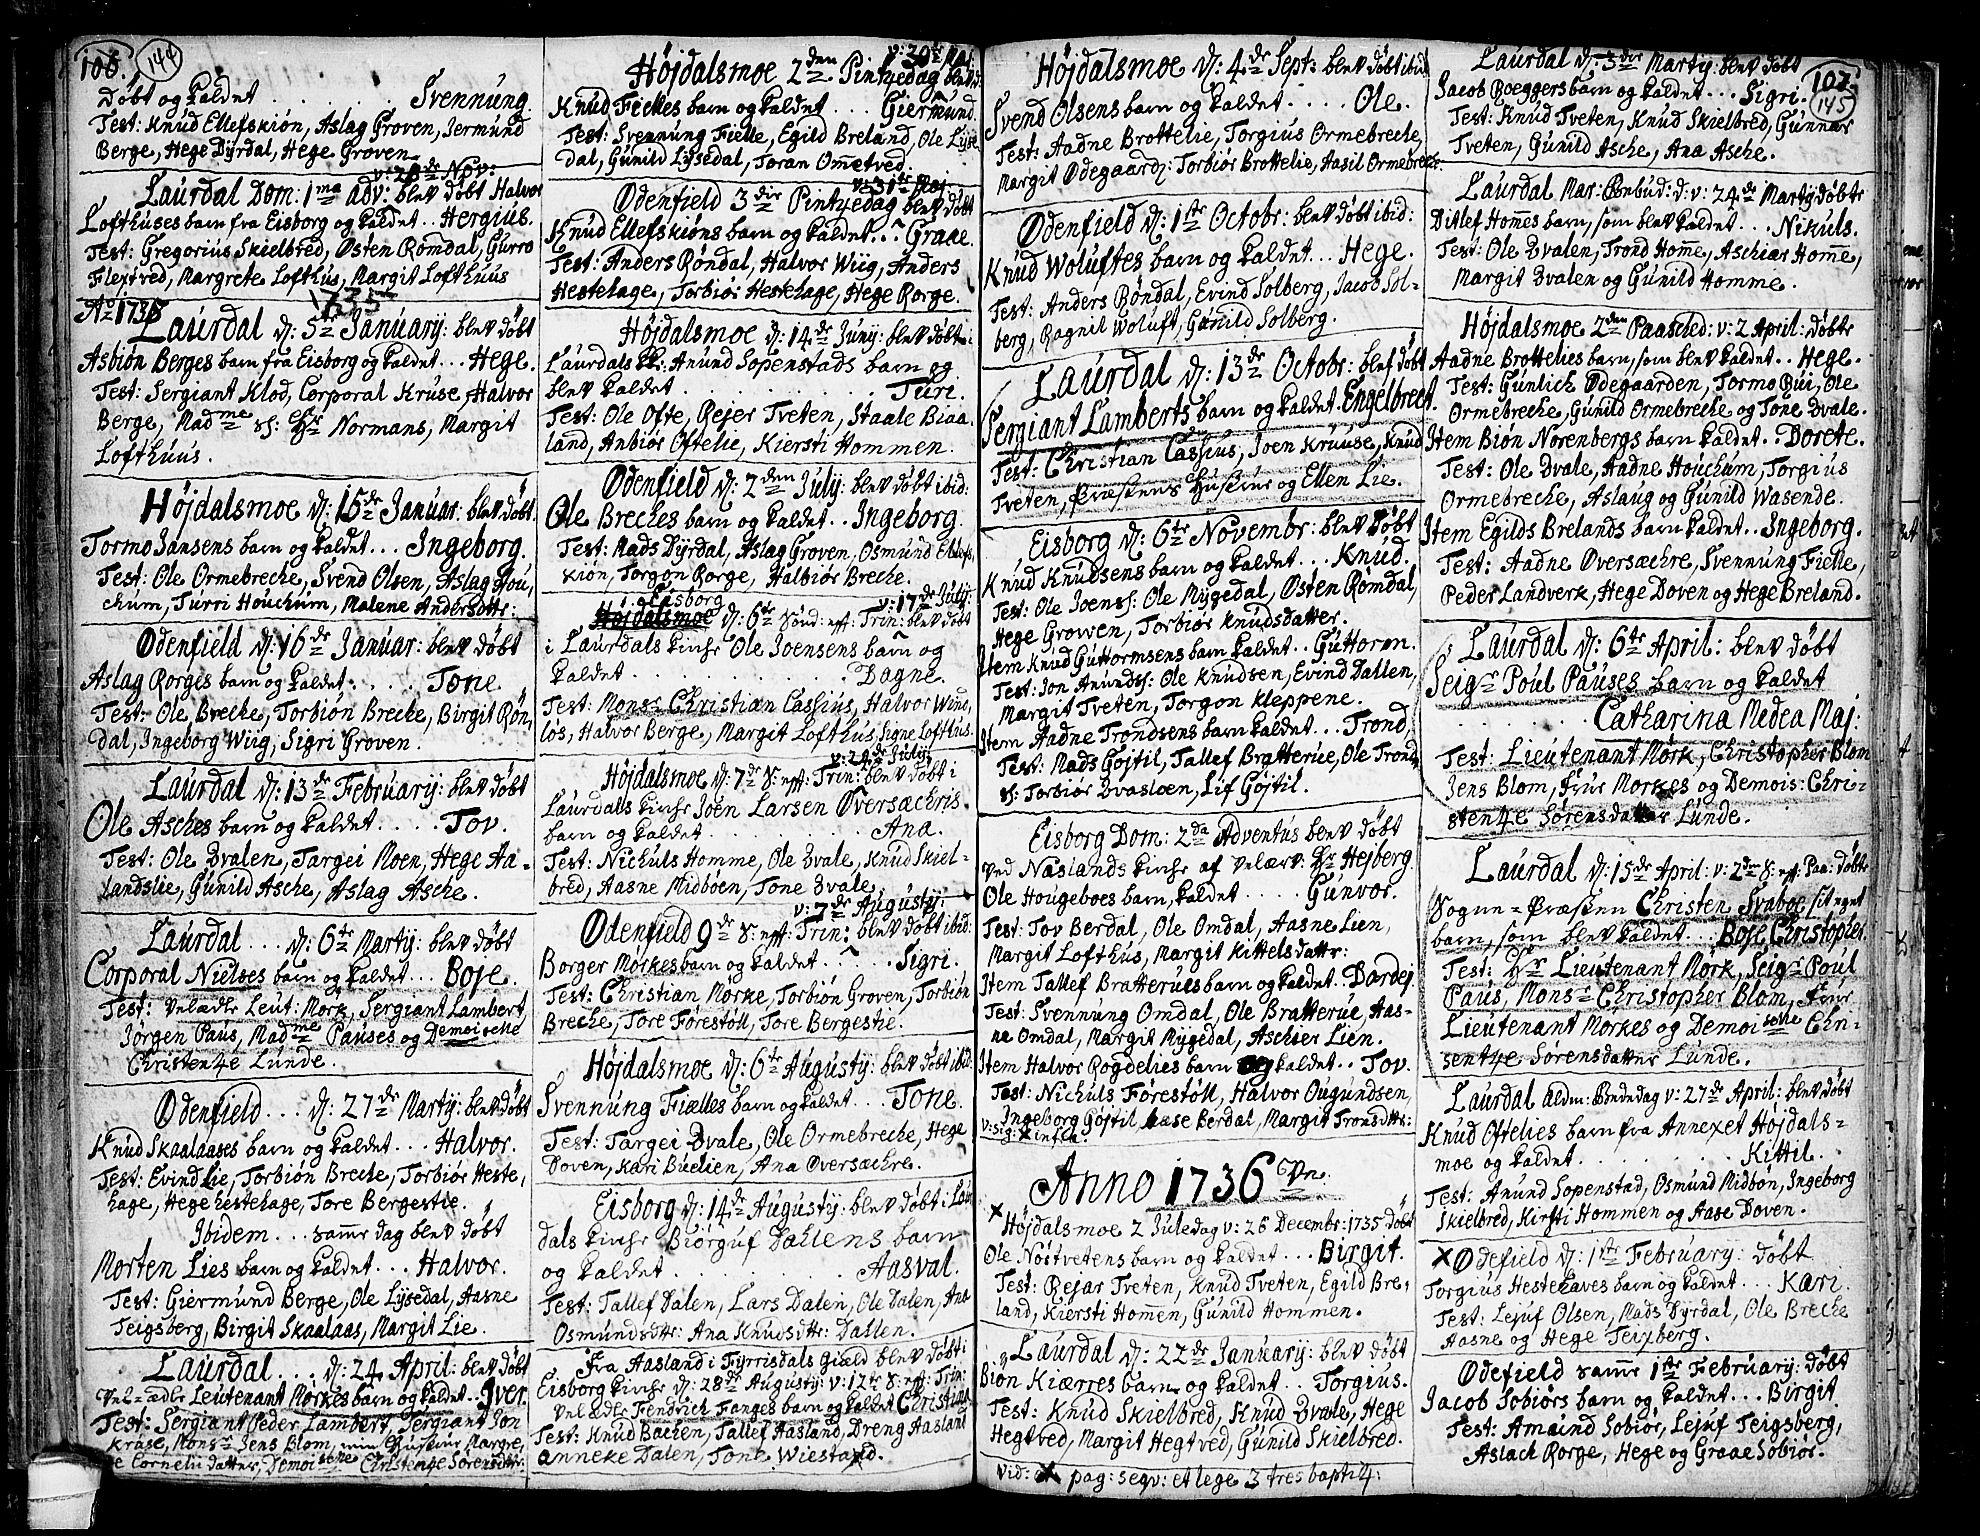 SAKO, Lårdal kirkebøker, F/Fa/L0002: Ministerialbok nr. I 2, 1734-1754, s. 144-145